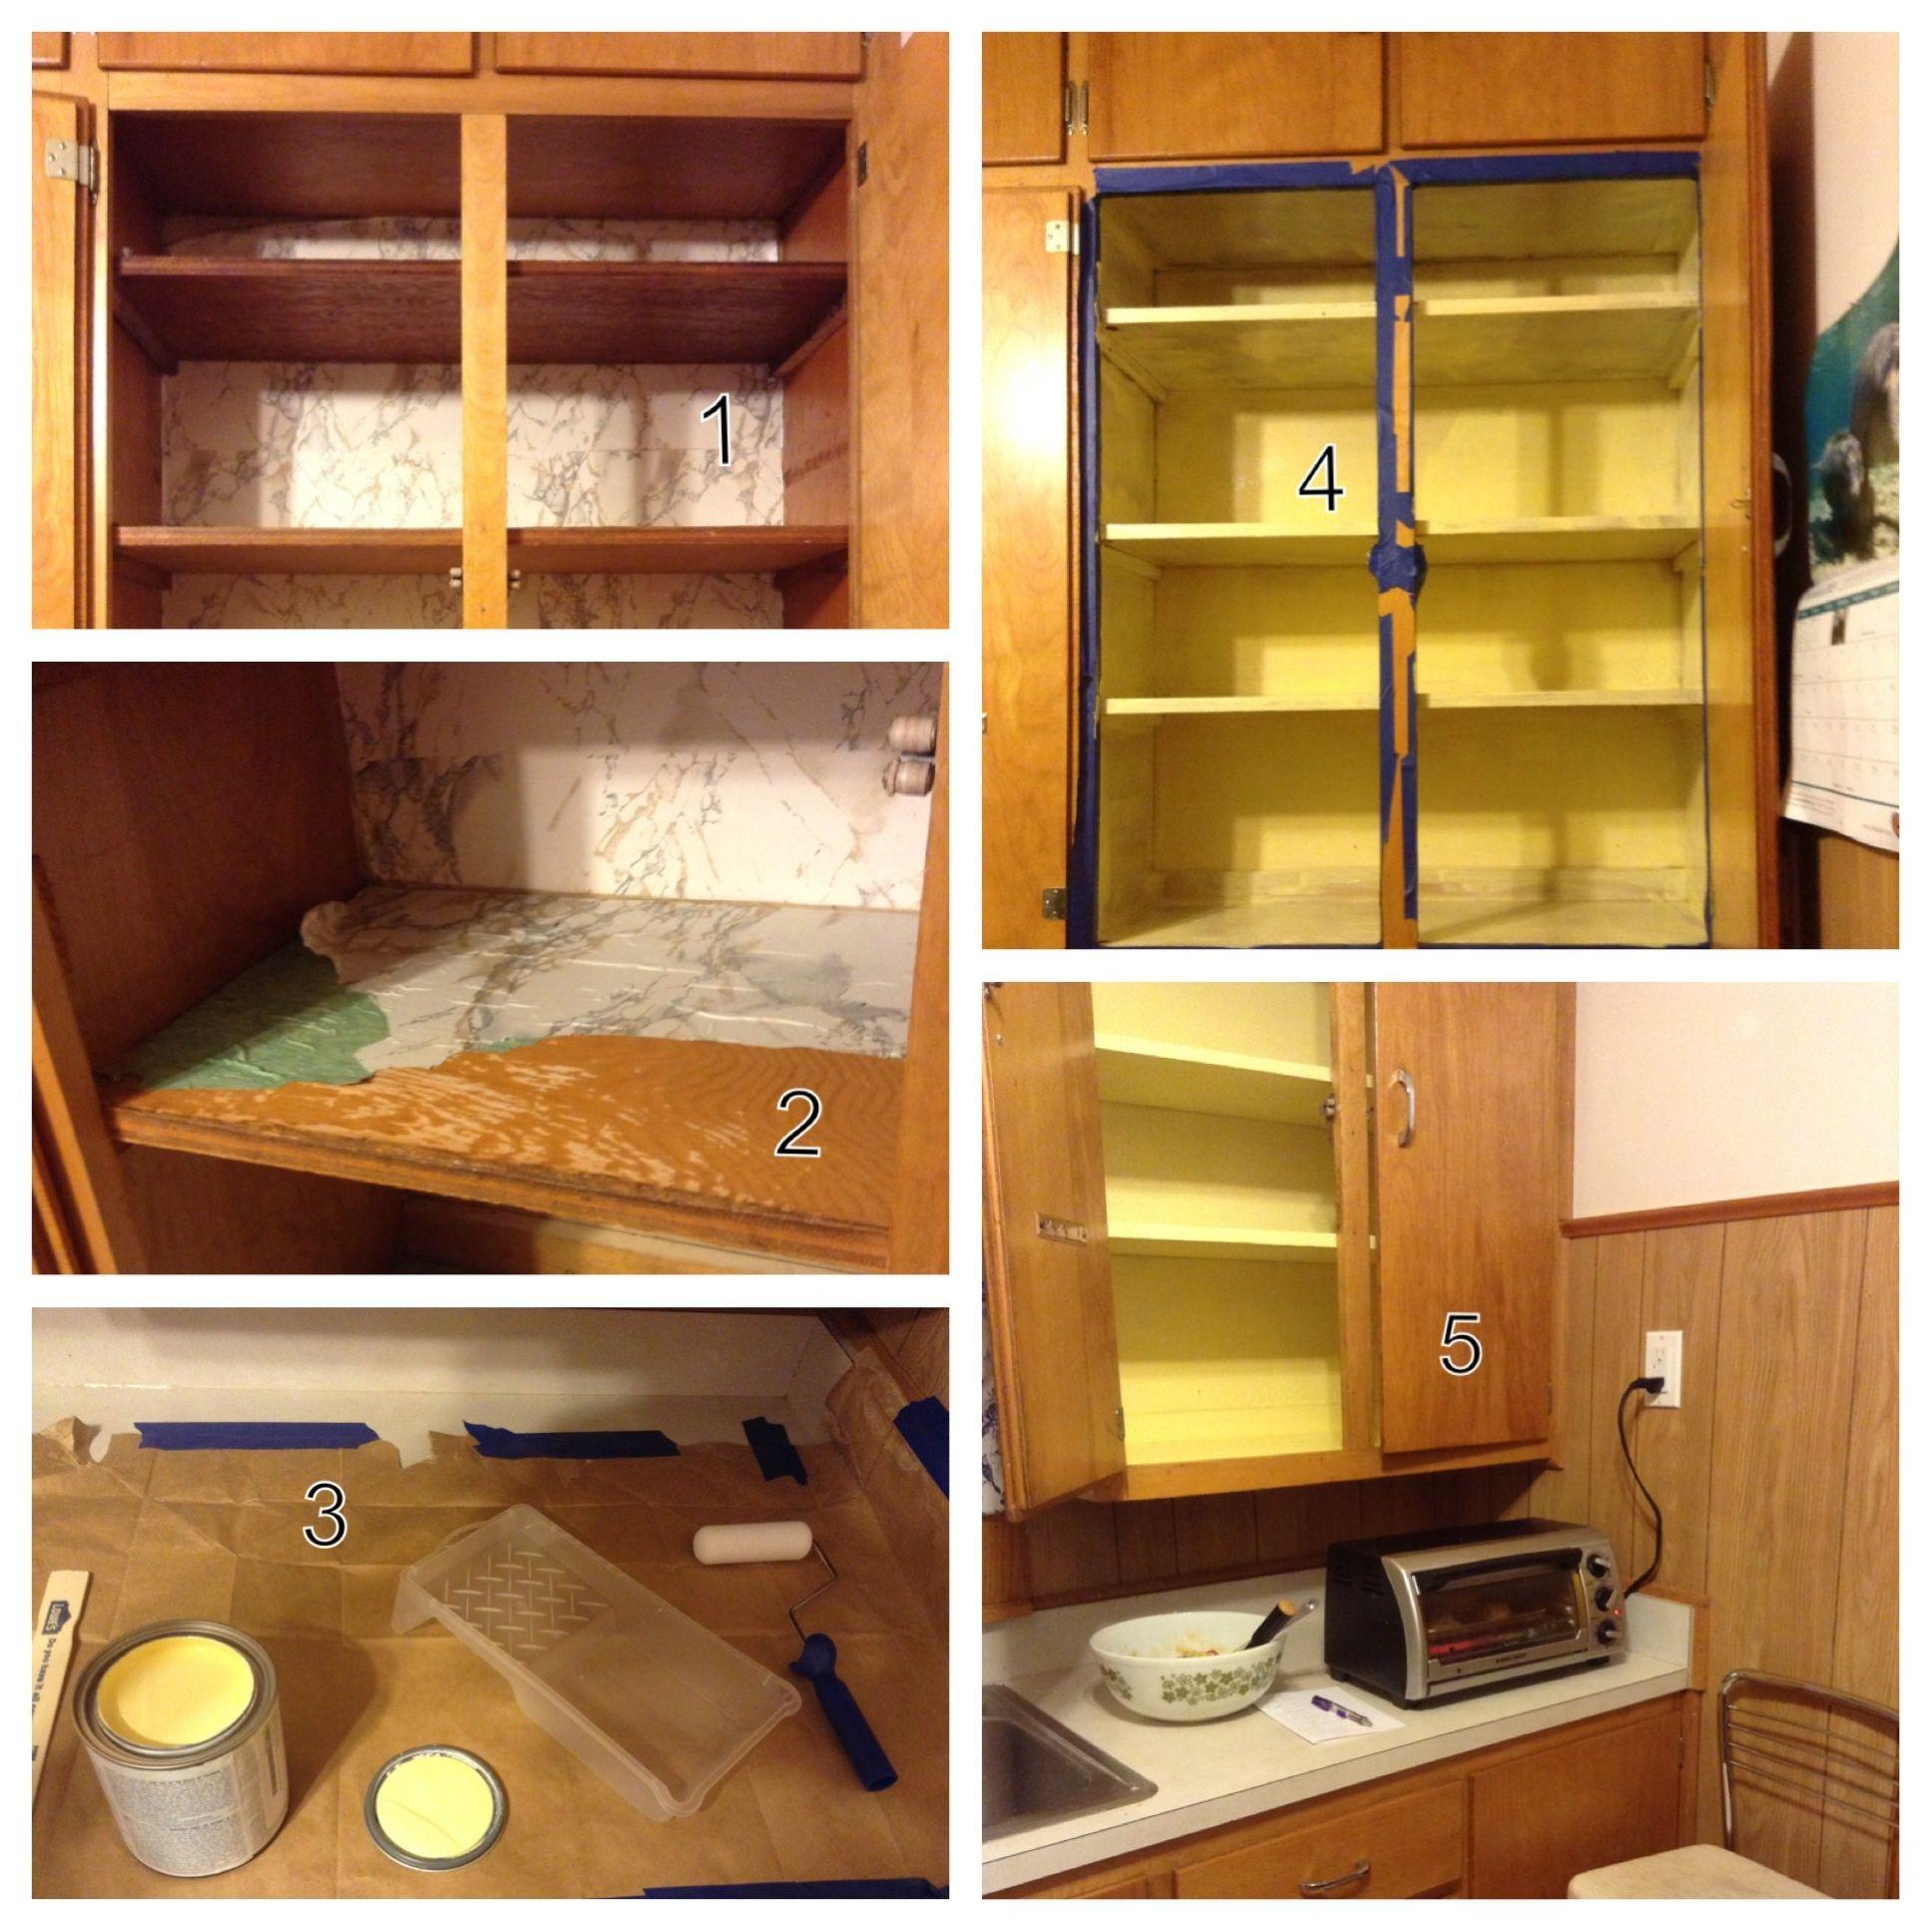 Updating Kitchen Cabinet Interiors Kitchen Ideas Pinterest